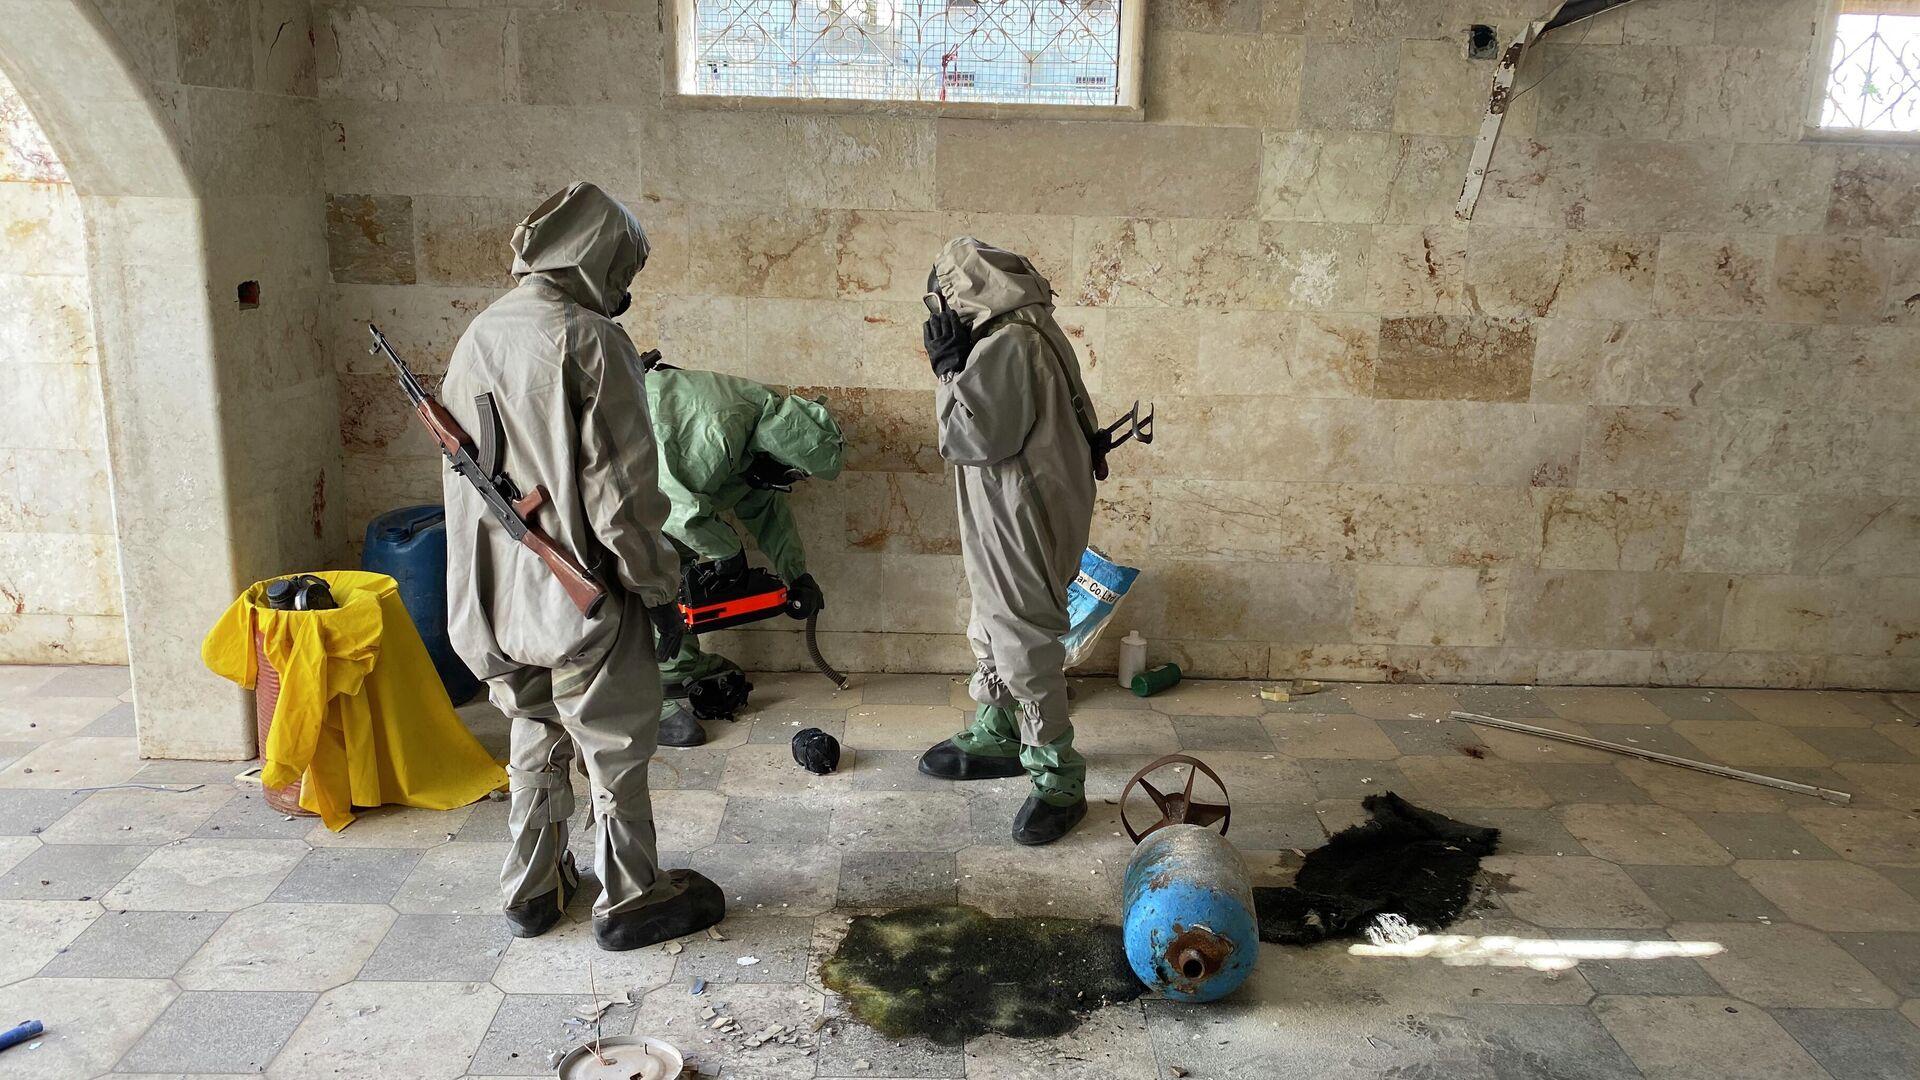 Сирийские военные специалисты досматривают место, где террористы готовили провокацию с отравляющим веществом в городе Саракиб в провинции Идлиб. 8 марта 2020 - РИА Новости, 1920, 08.03.2020